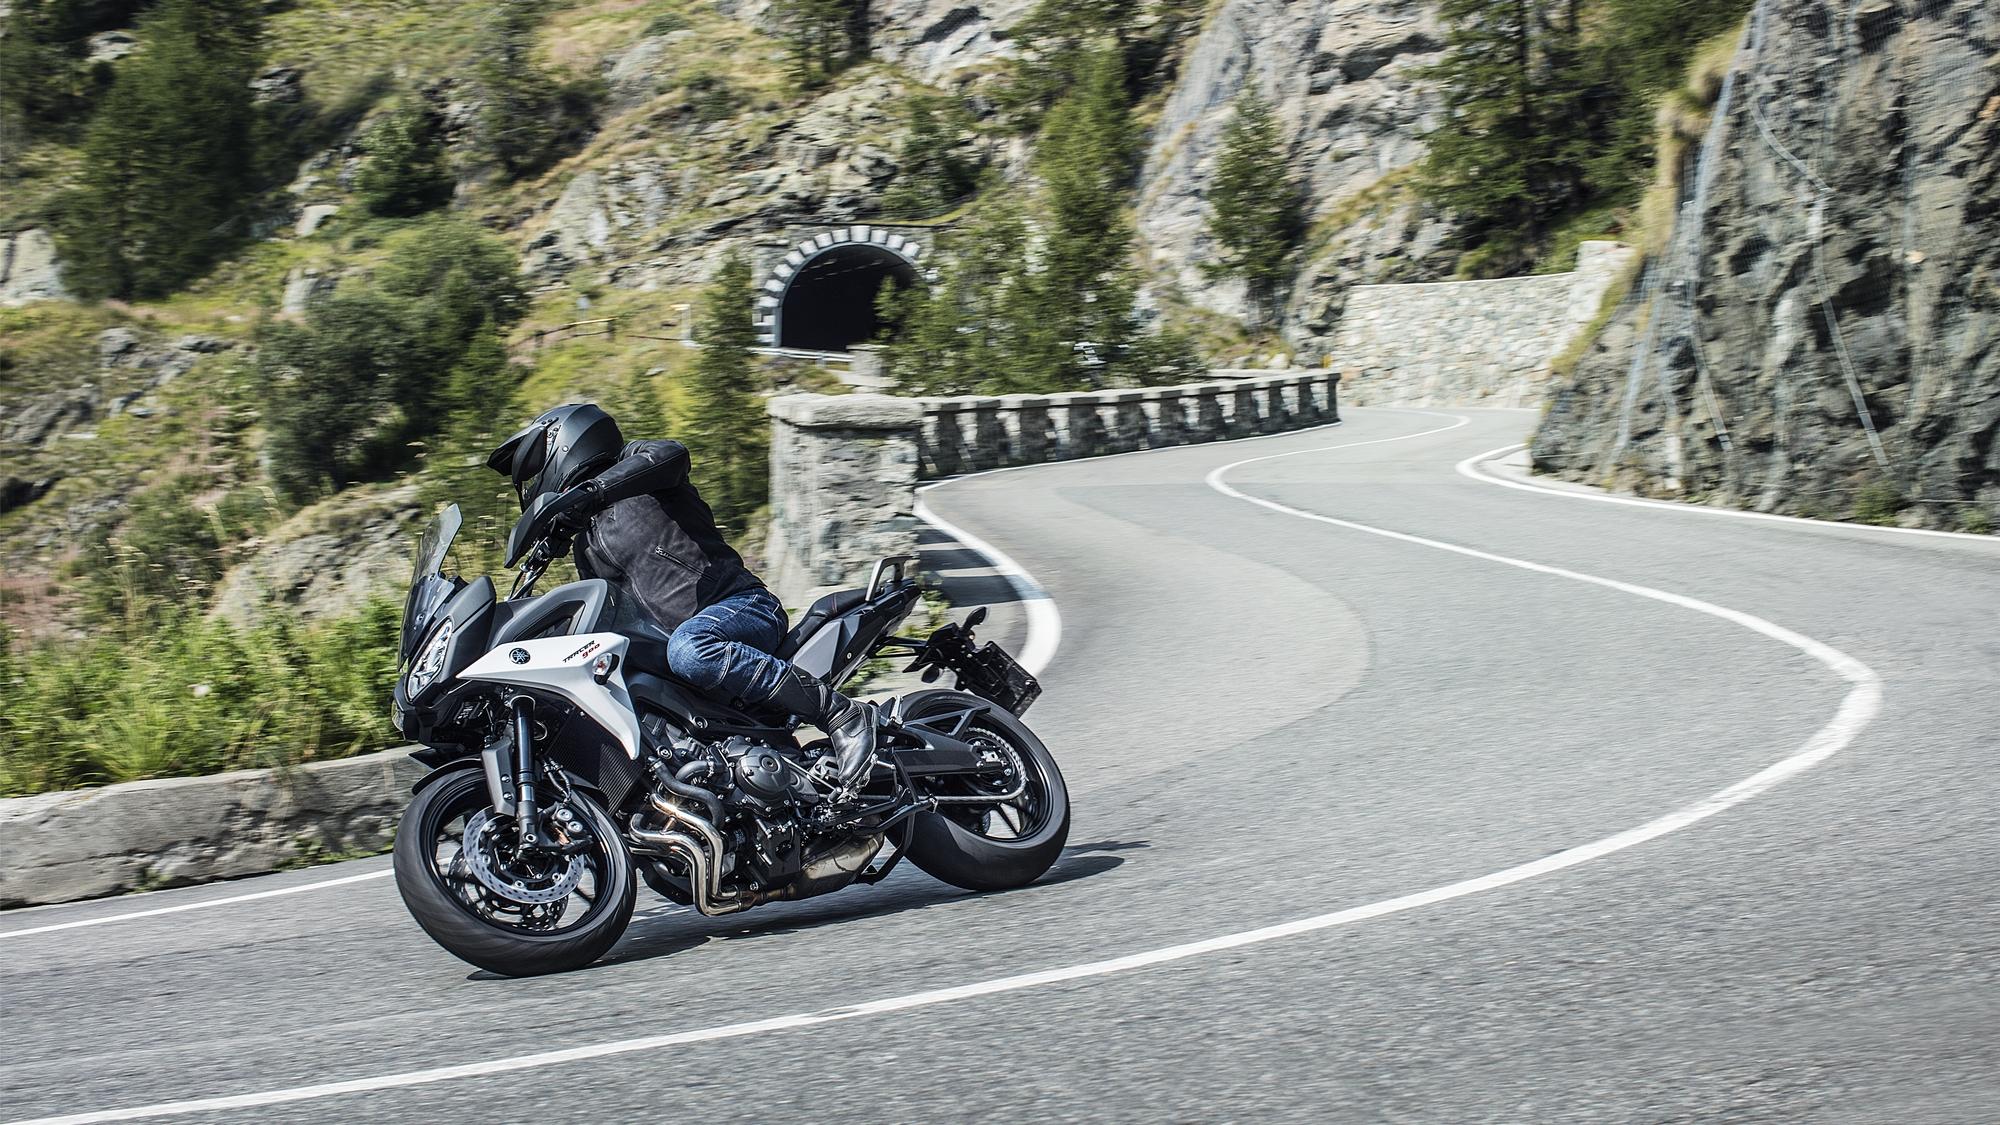 yamaha motorsykkel norge